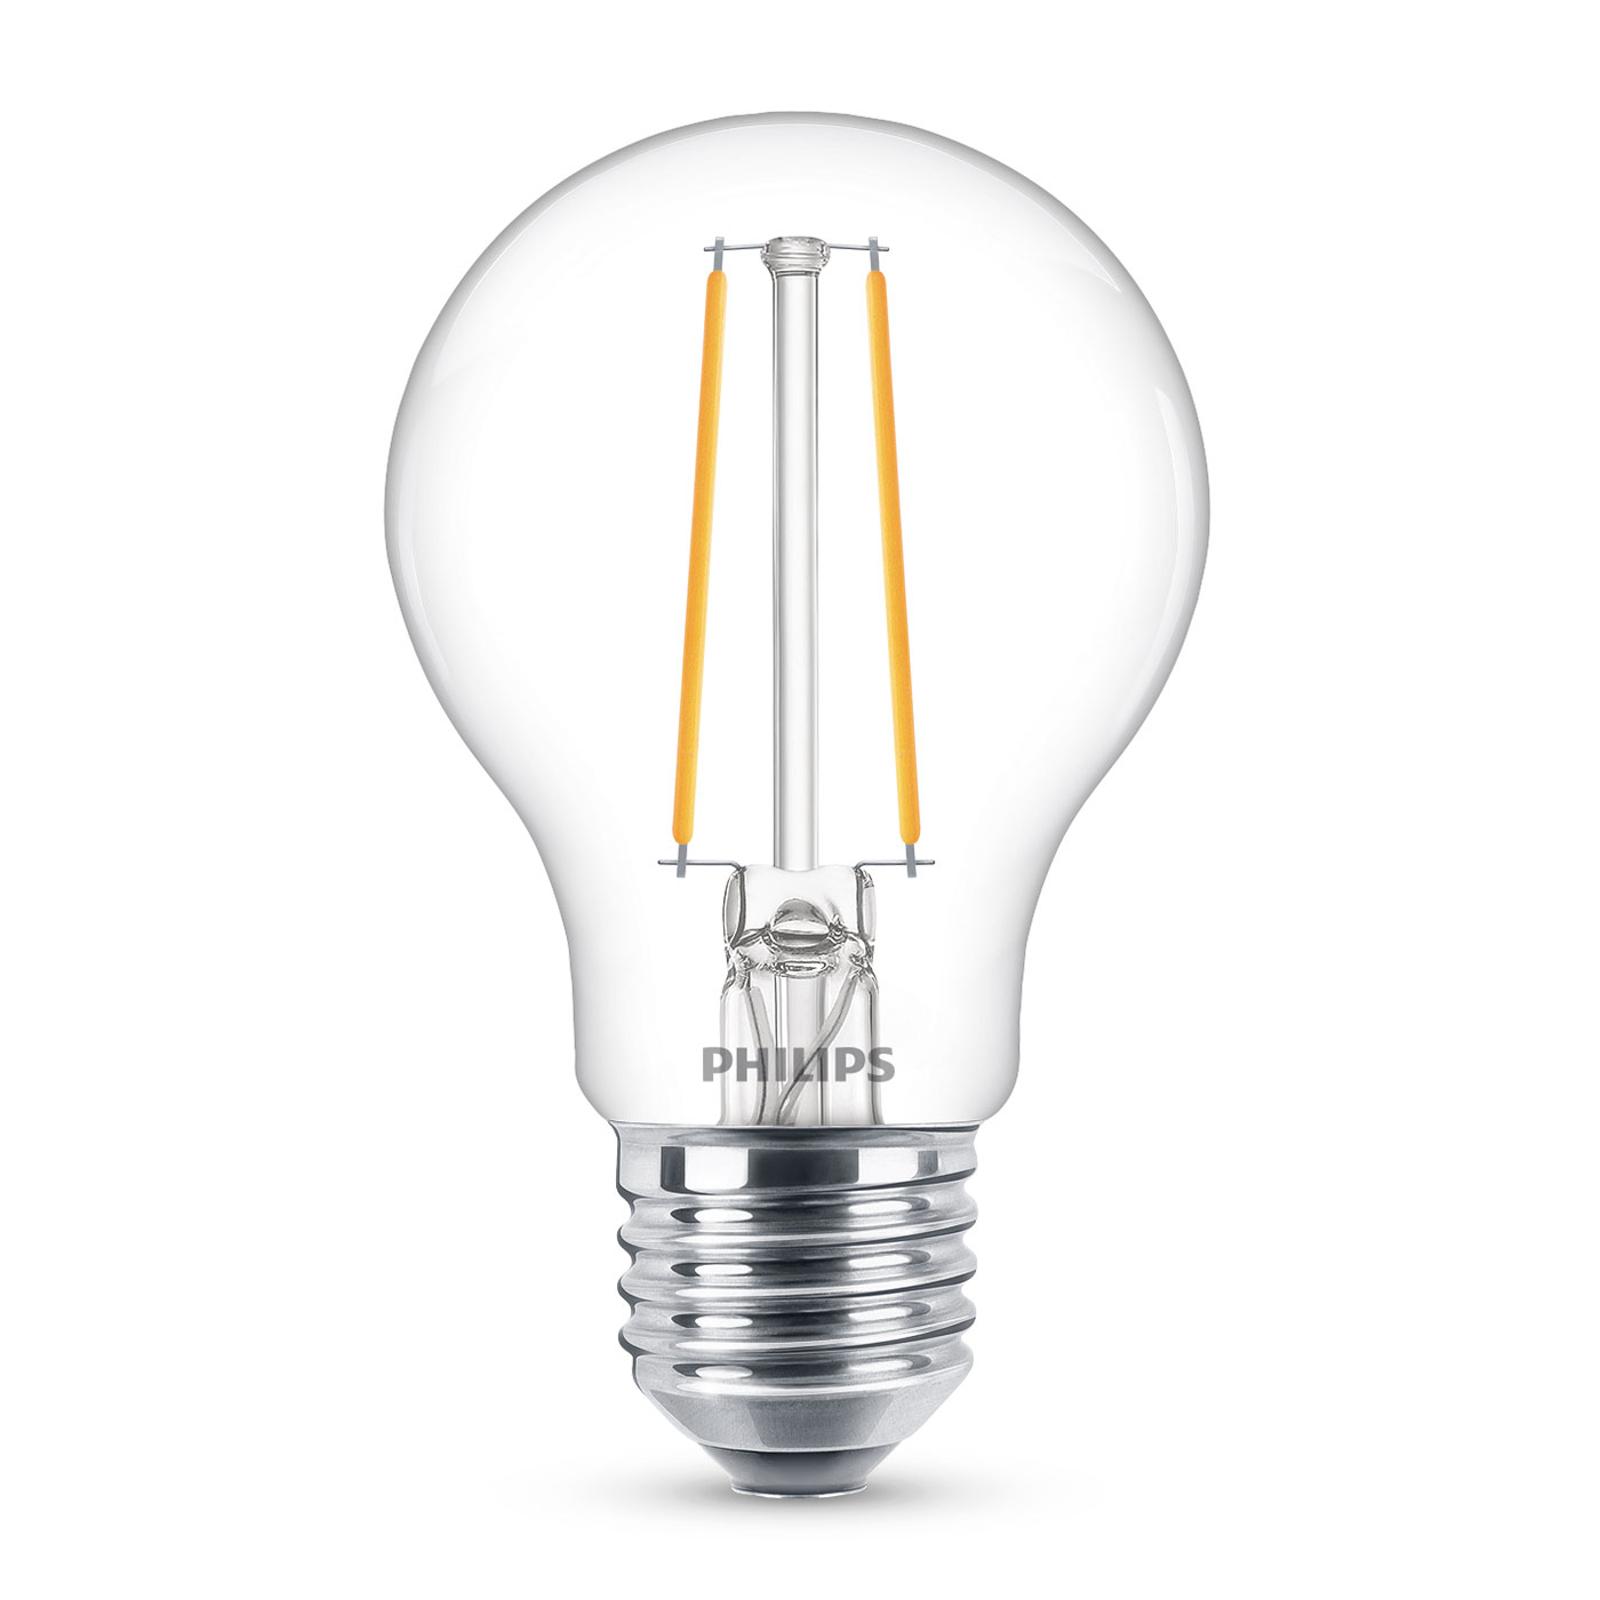 Philips Classic LED-pære E27 A60 2,2W klar 2700K